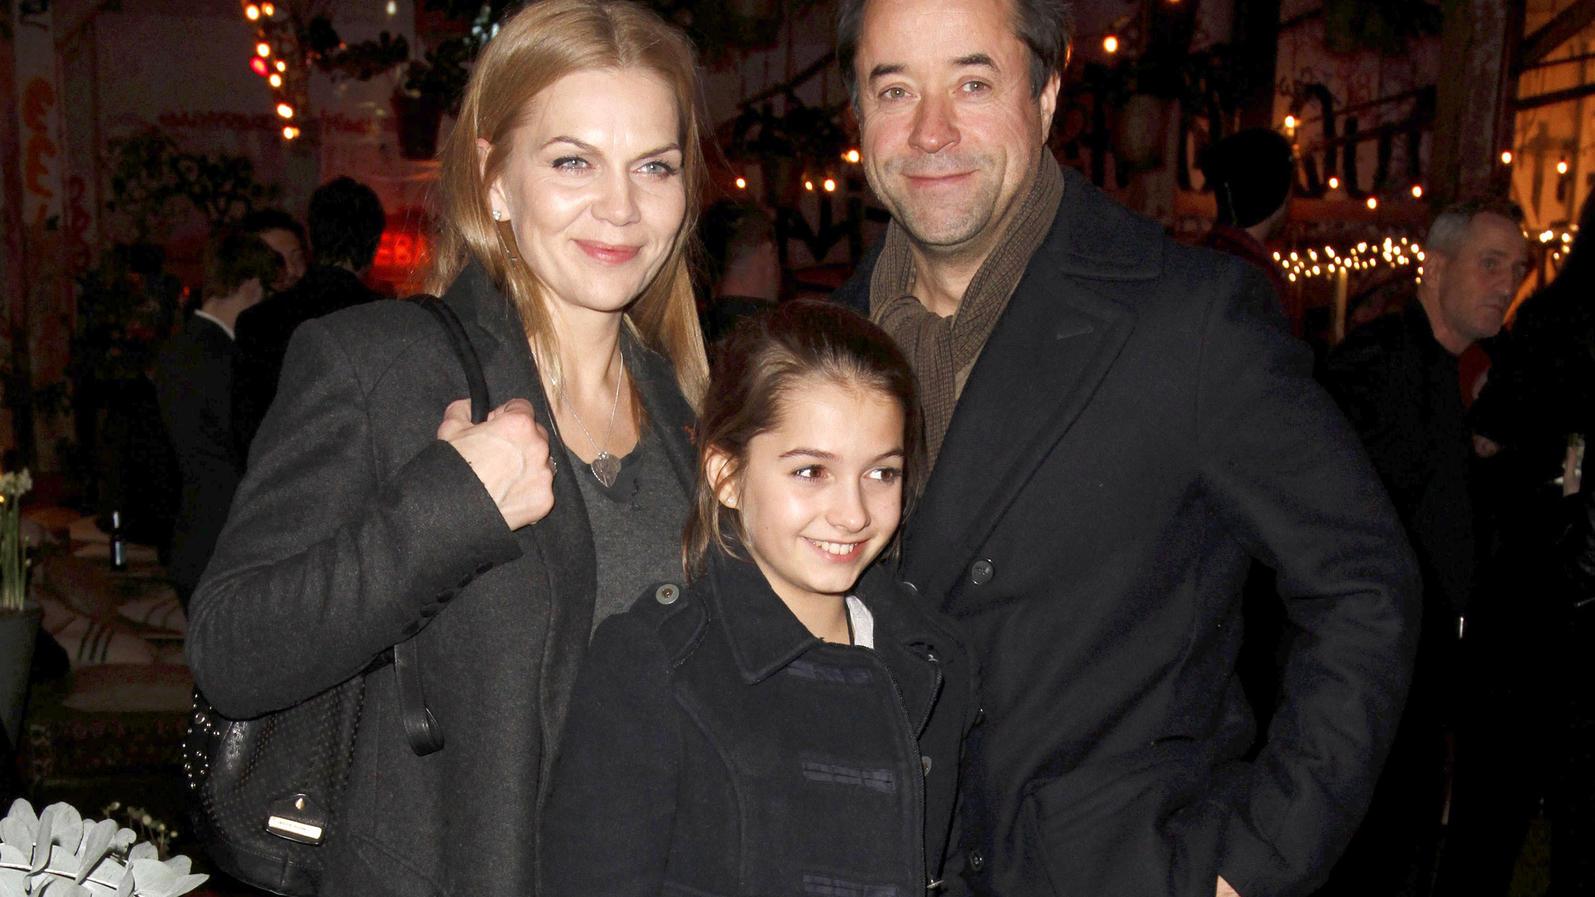 Anna Loos und Jan Josef Liefers mit Tochter Lilly bei der Aftershowparty zum Kinofilm 'Honig im Kopf' im Dezember 2014